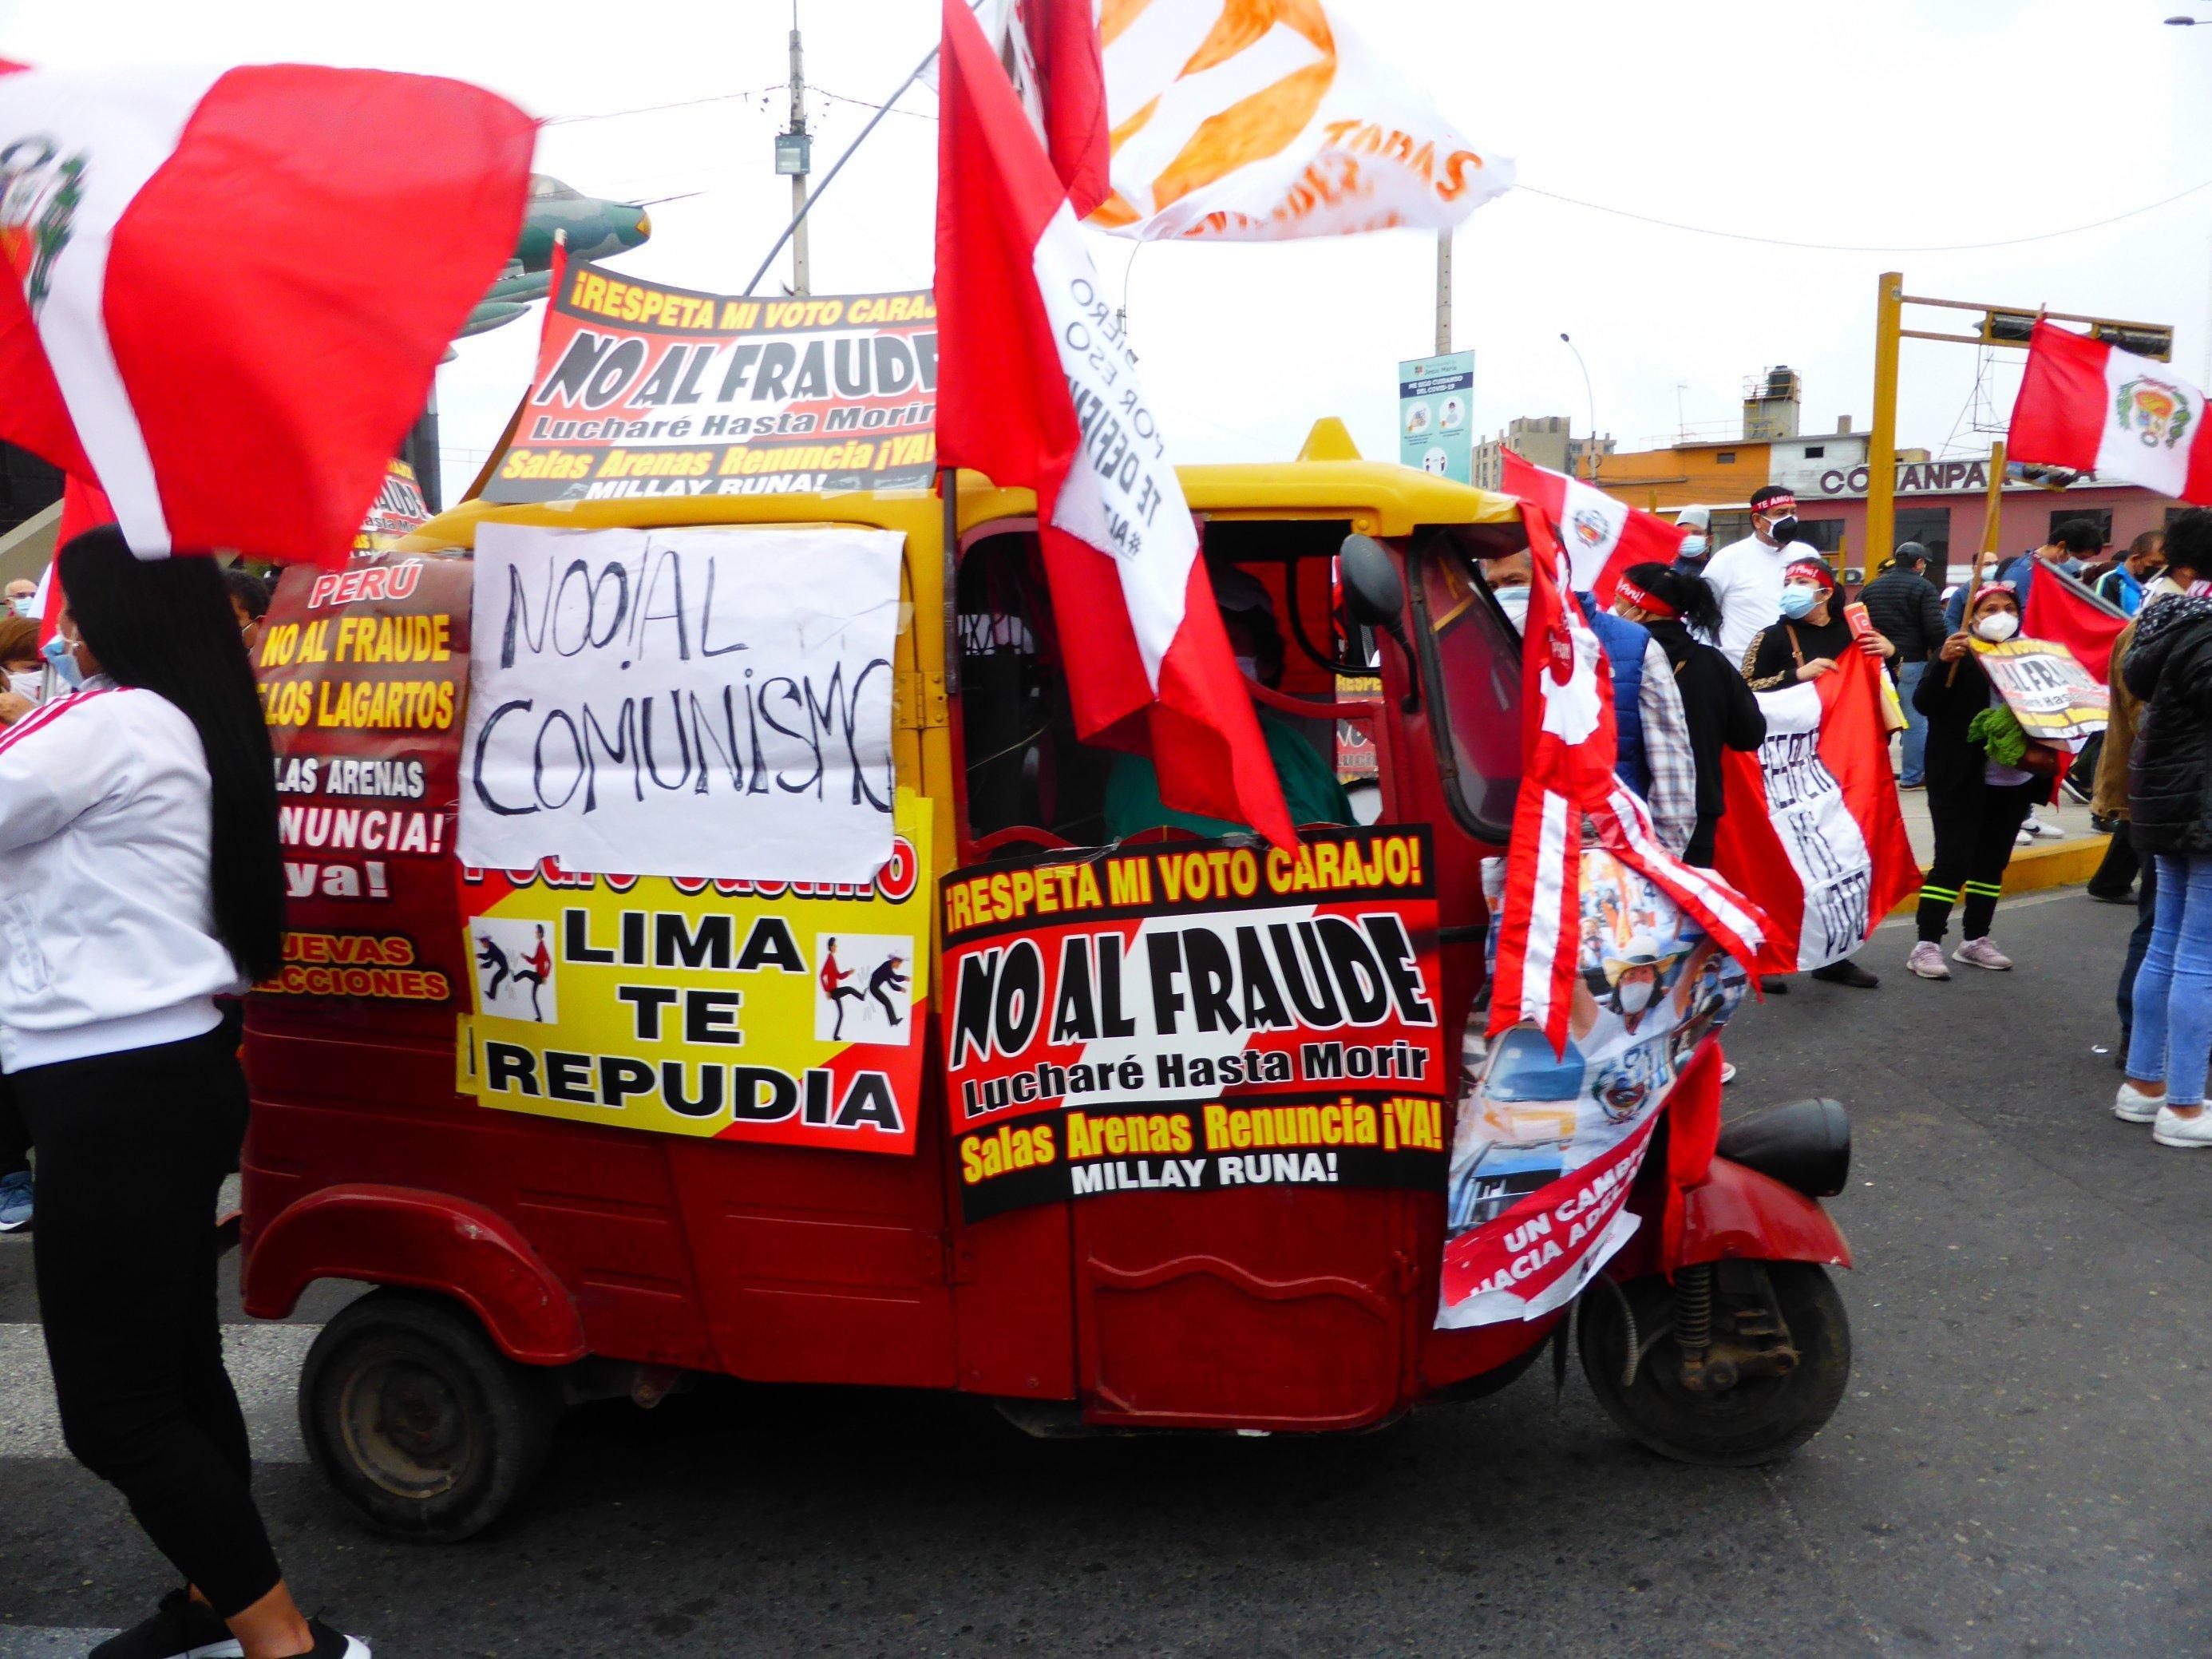 Eine dreirädrige Autorikscha mitten in einer Demo. Personen, die rot-weiße Fahnen schwingen, die Landesfarben Perus.